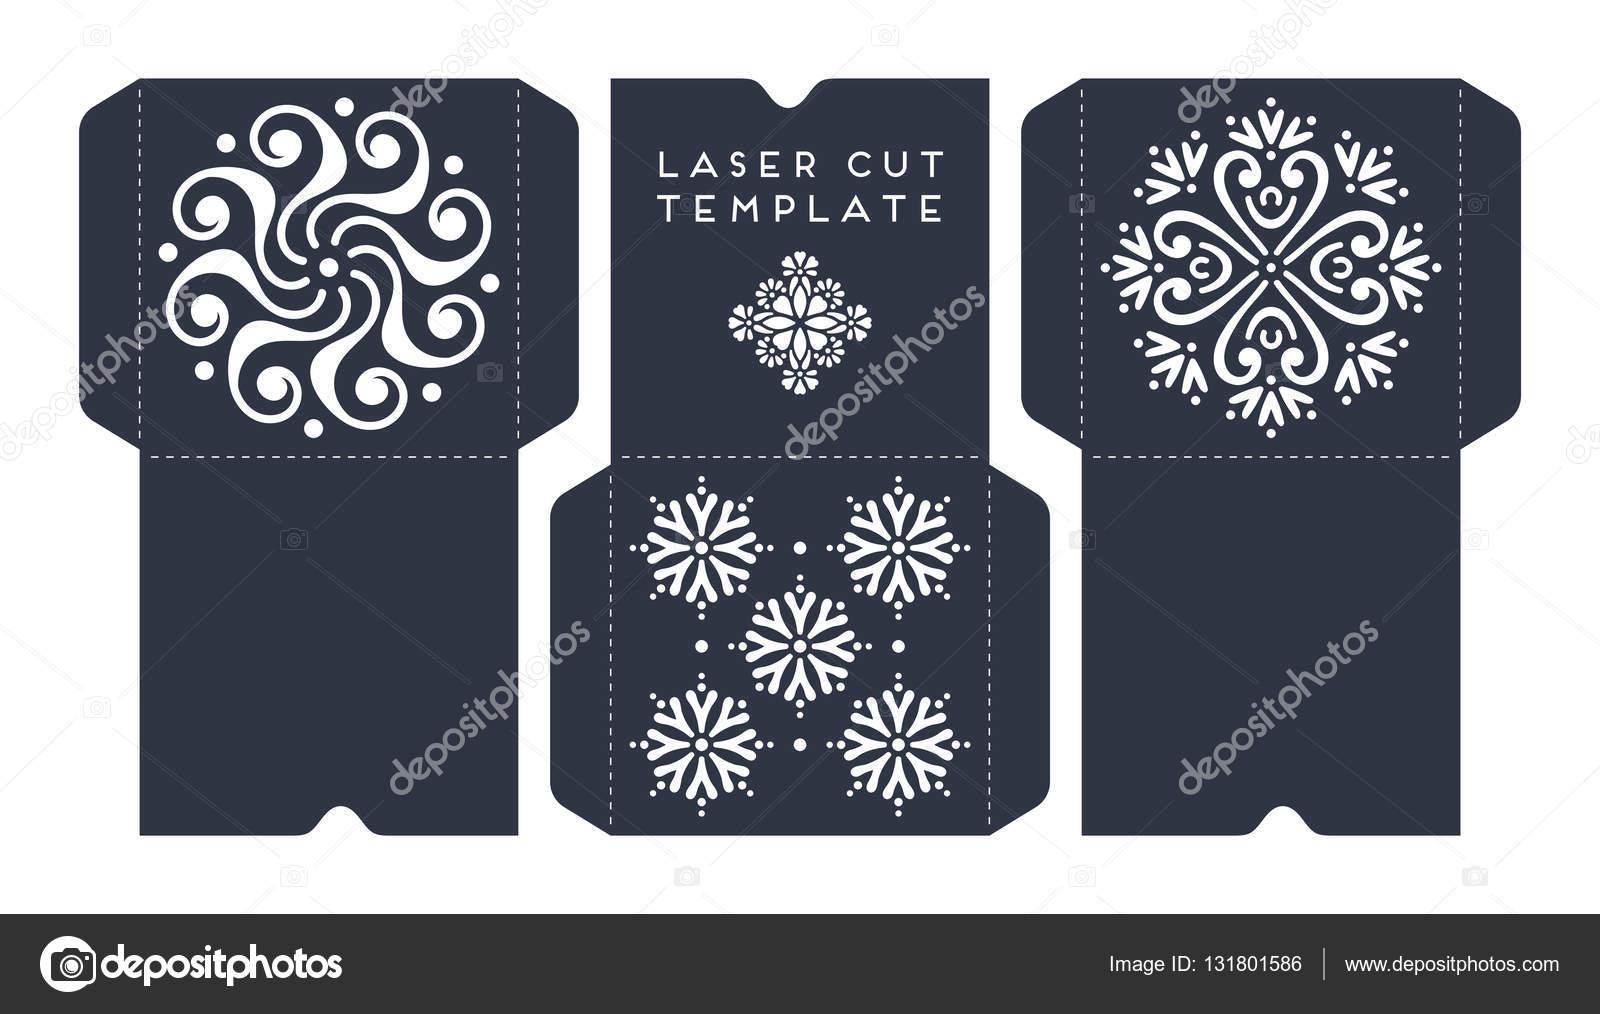 Vector Wedding Card Laser Cut Template Stock Vector